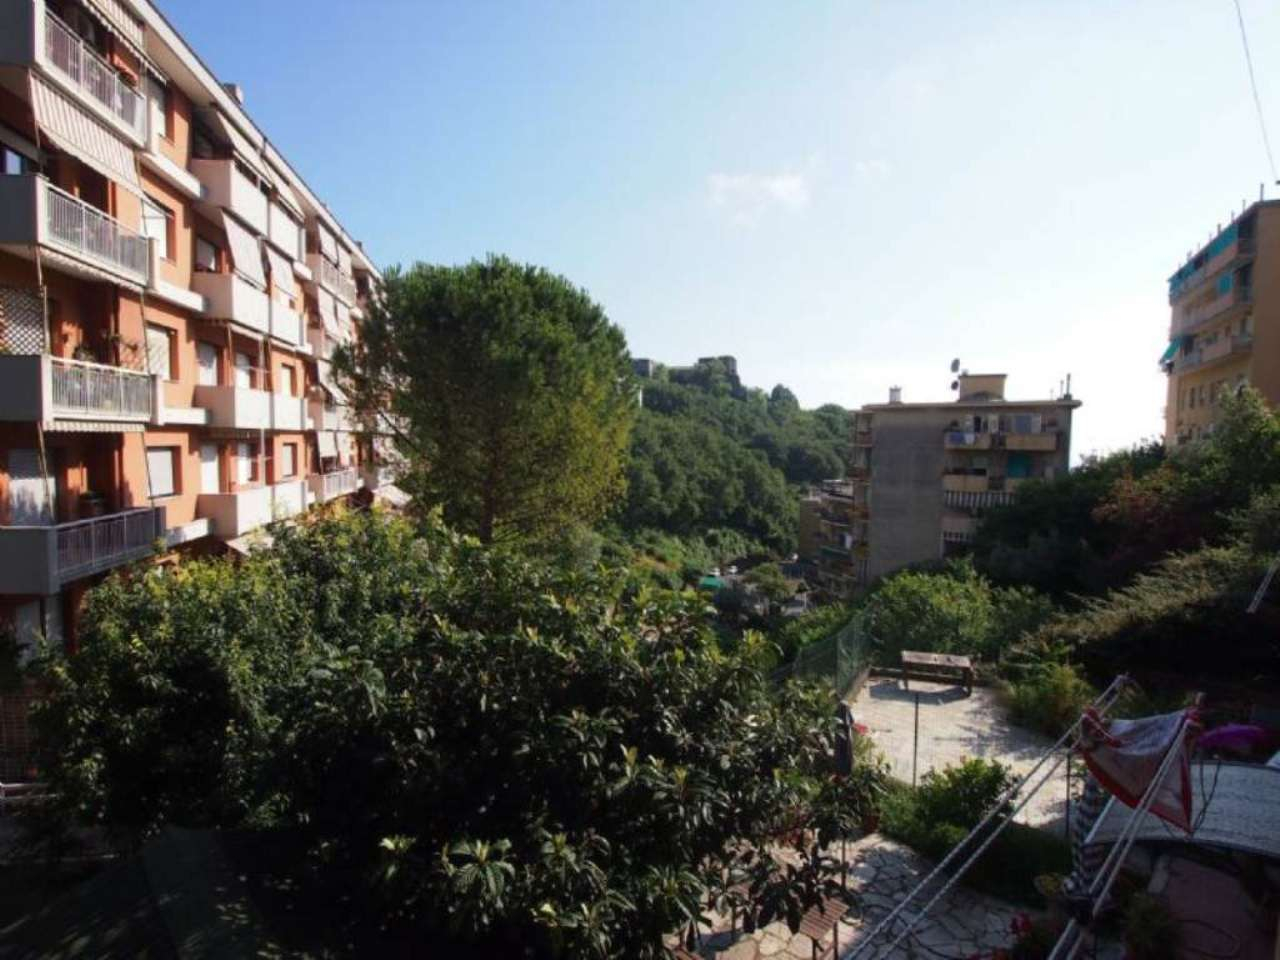 Appartamento in affitto a Genova, 4 locali, zona Zona: 4 . S.Fruttuoso-Borgoratti-S.Martino, prezzo € 400   Cambio Casa.it